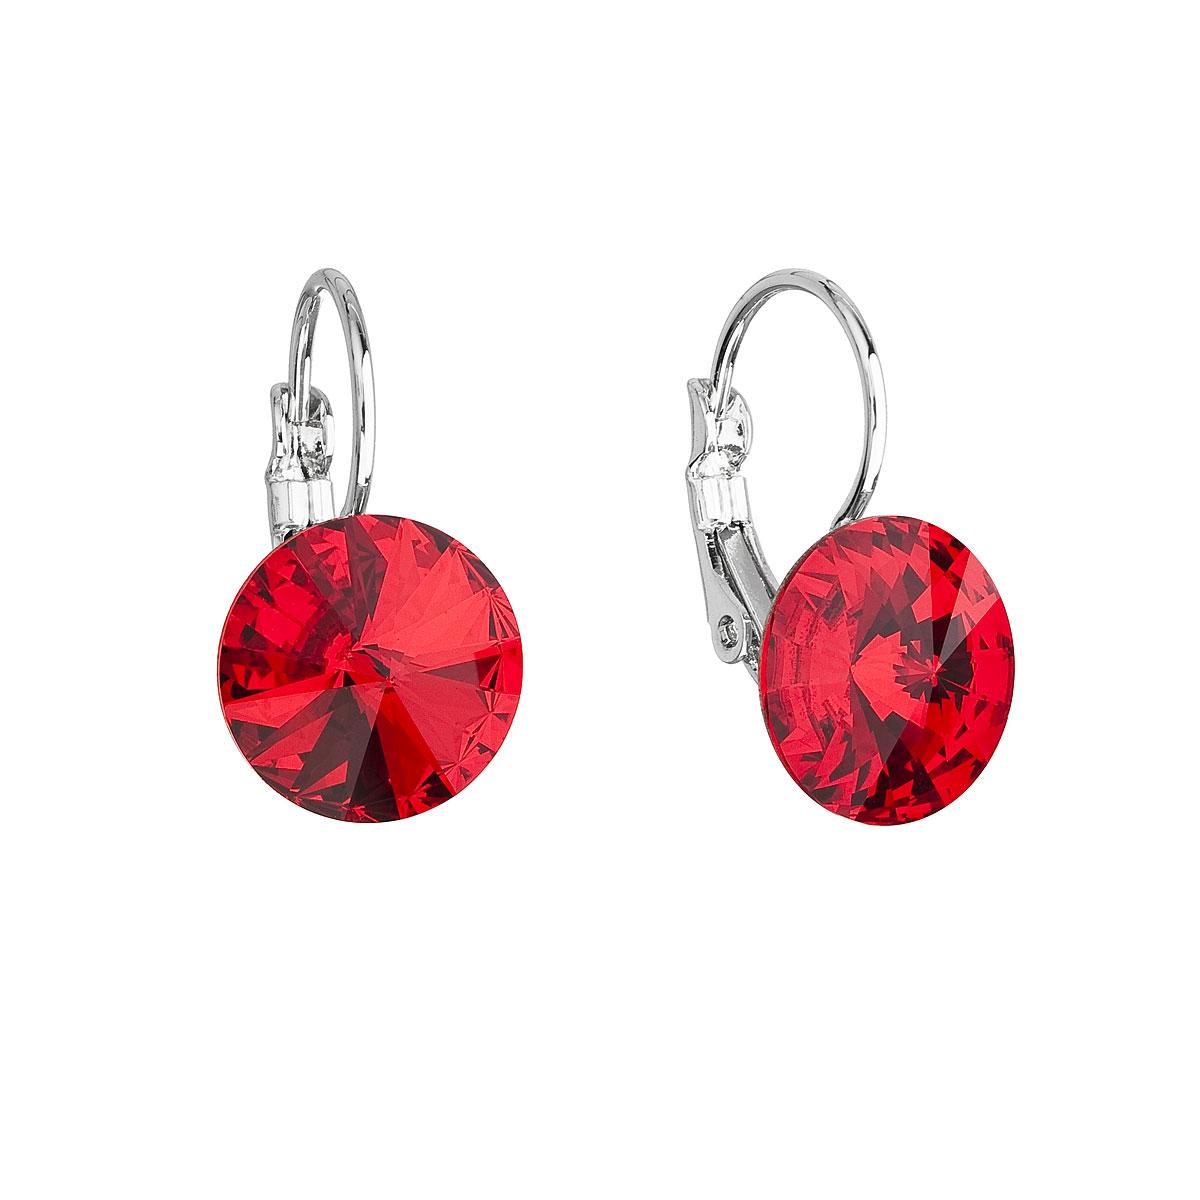 Evolution Group Náušnice se Swarovski krystaly červené kulaté 51002.3